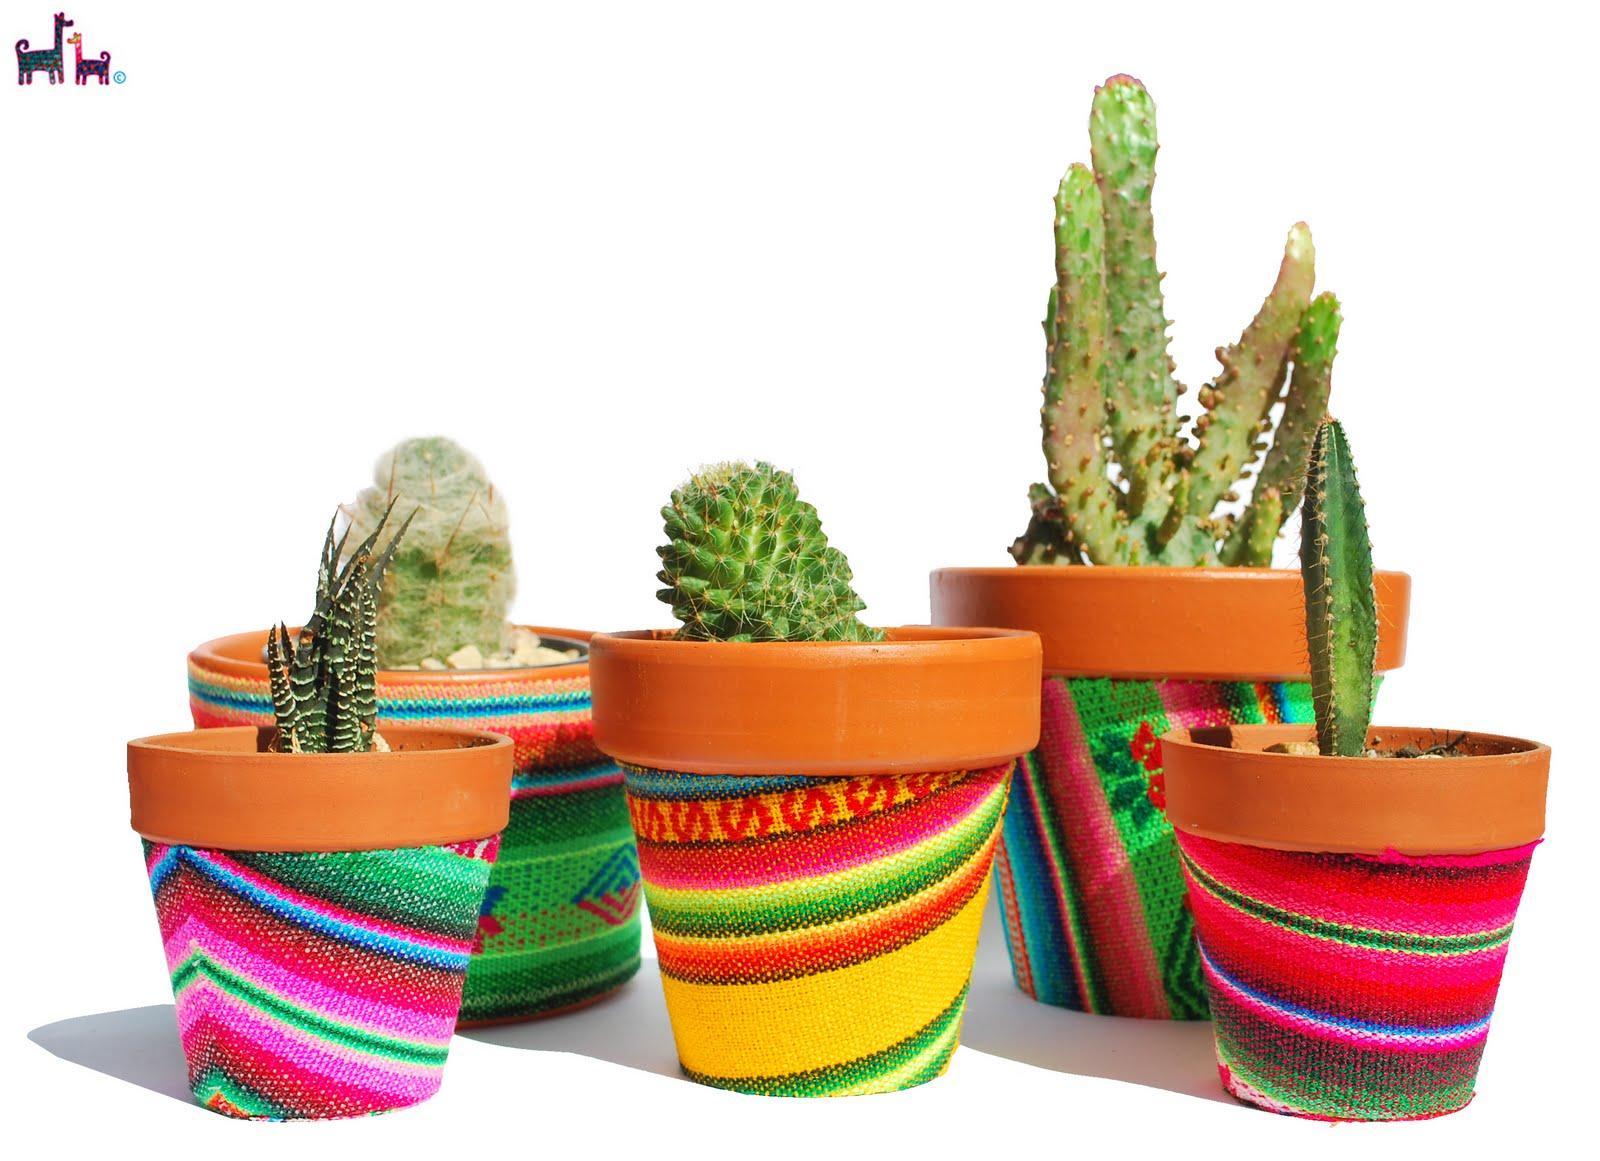 Mis 7 colores decora tu jardin for Jardin 7 colores bernal